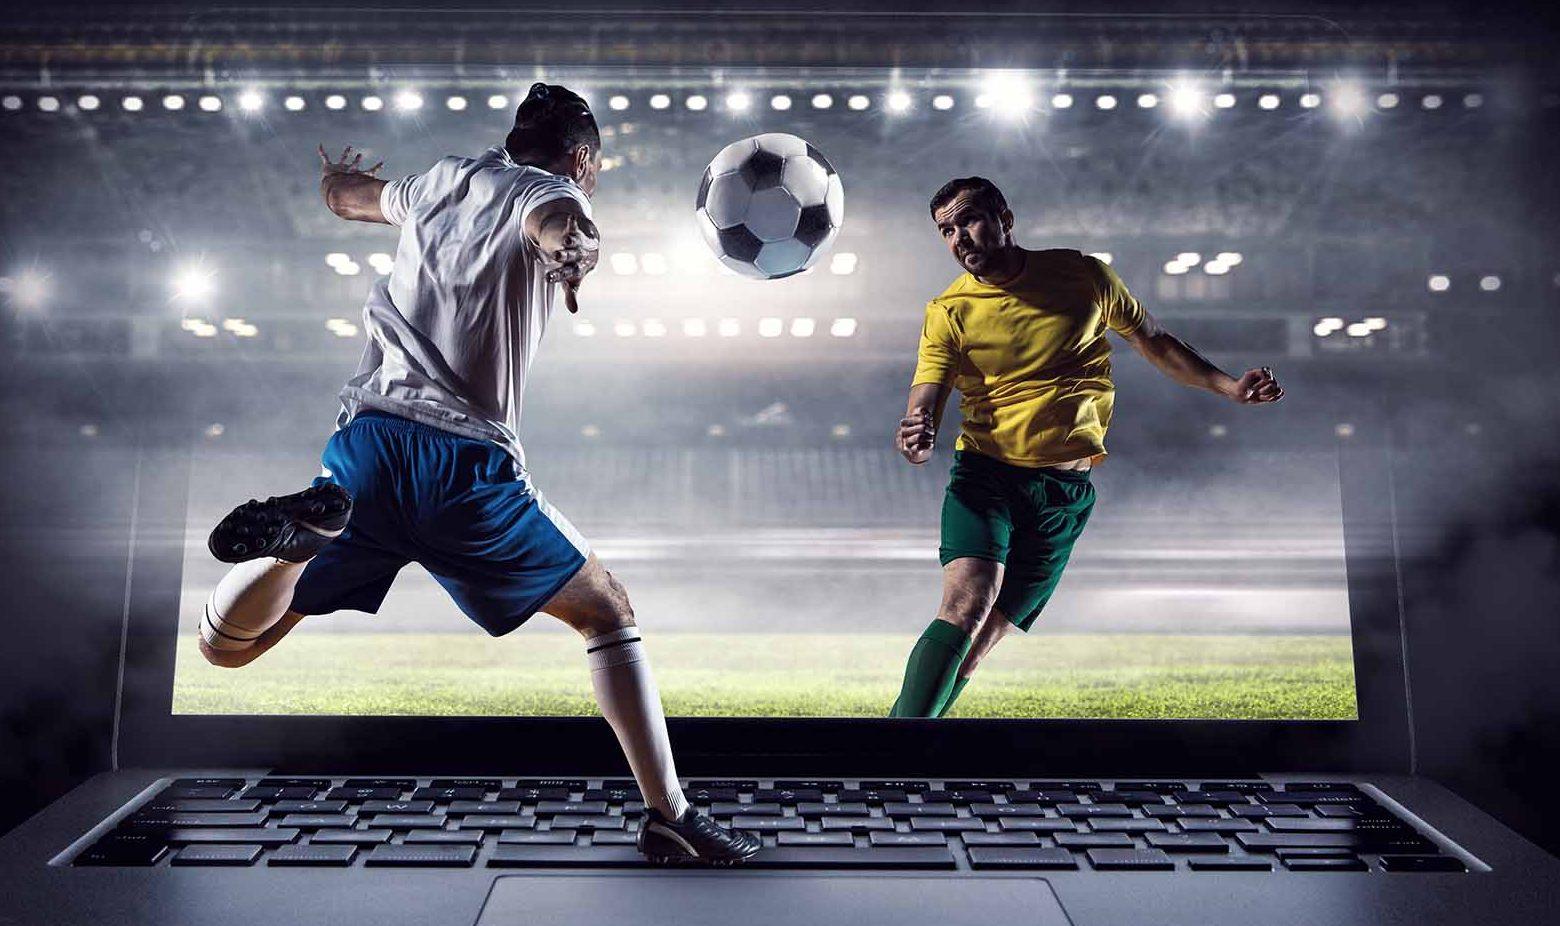 Ставка На Спорт Которая Всегда Проходит ∋ Ставки на спорт: как выиграть деньги?в'Є